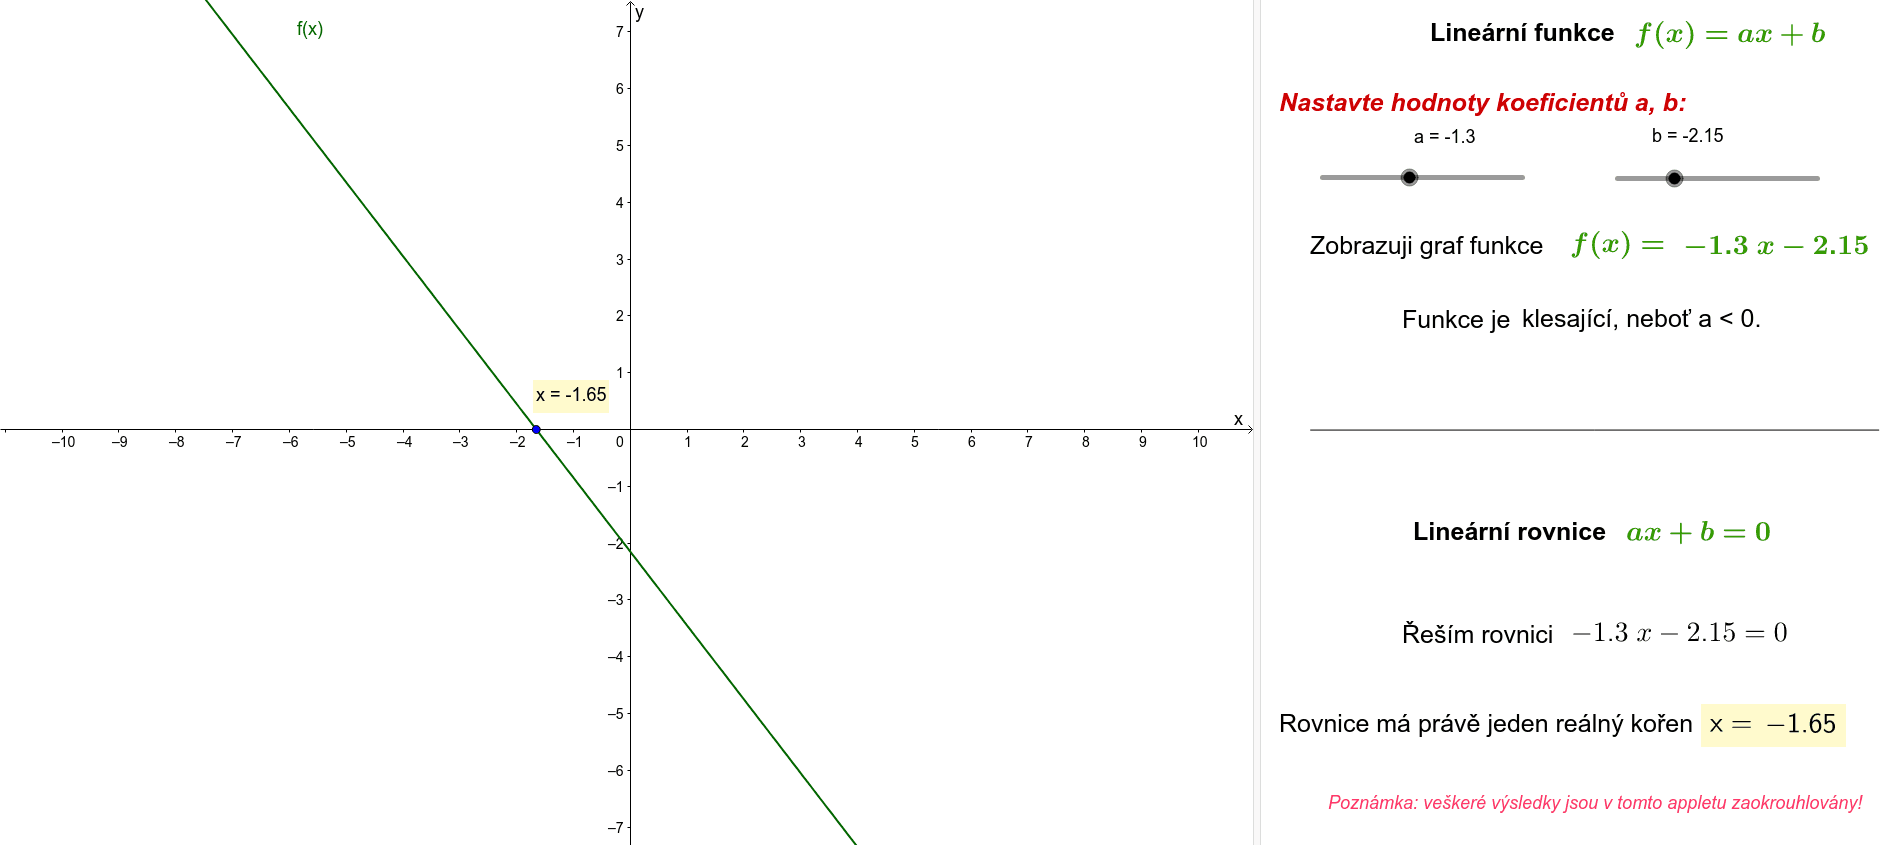 Applet ukazuje souvislost mezi lineární funkcí a lineární rovnicí, ukazuje význam koeficientů a, b. Zahajte aktivitu stisknutím klávesy Enter